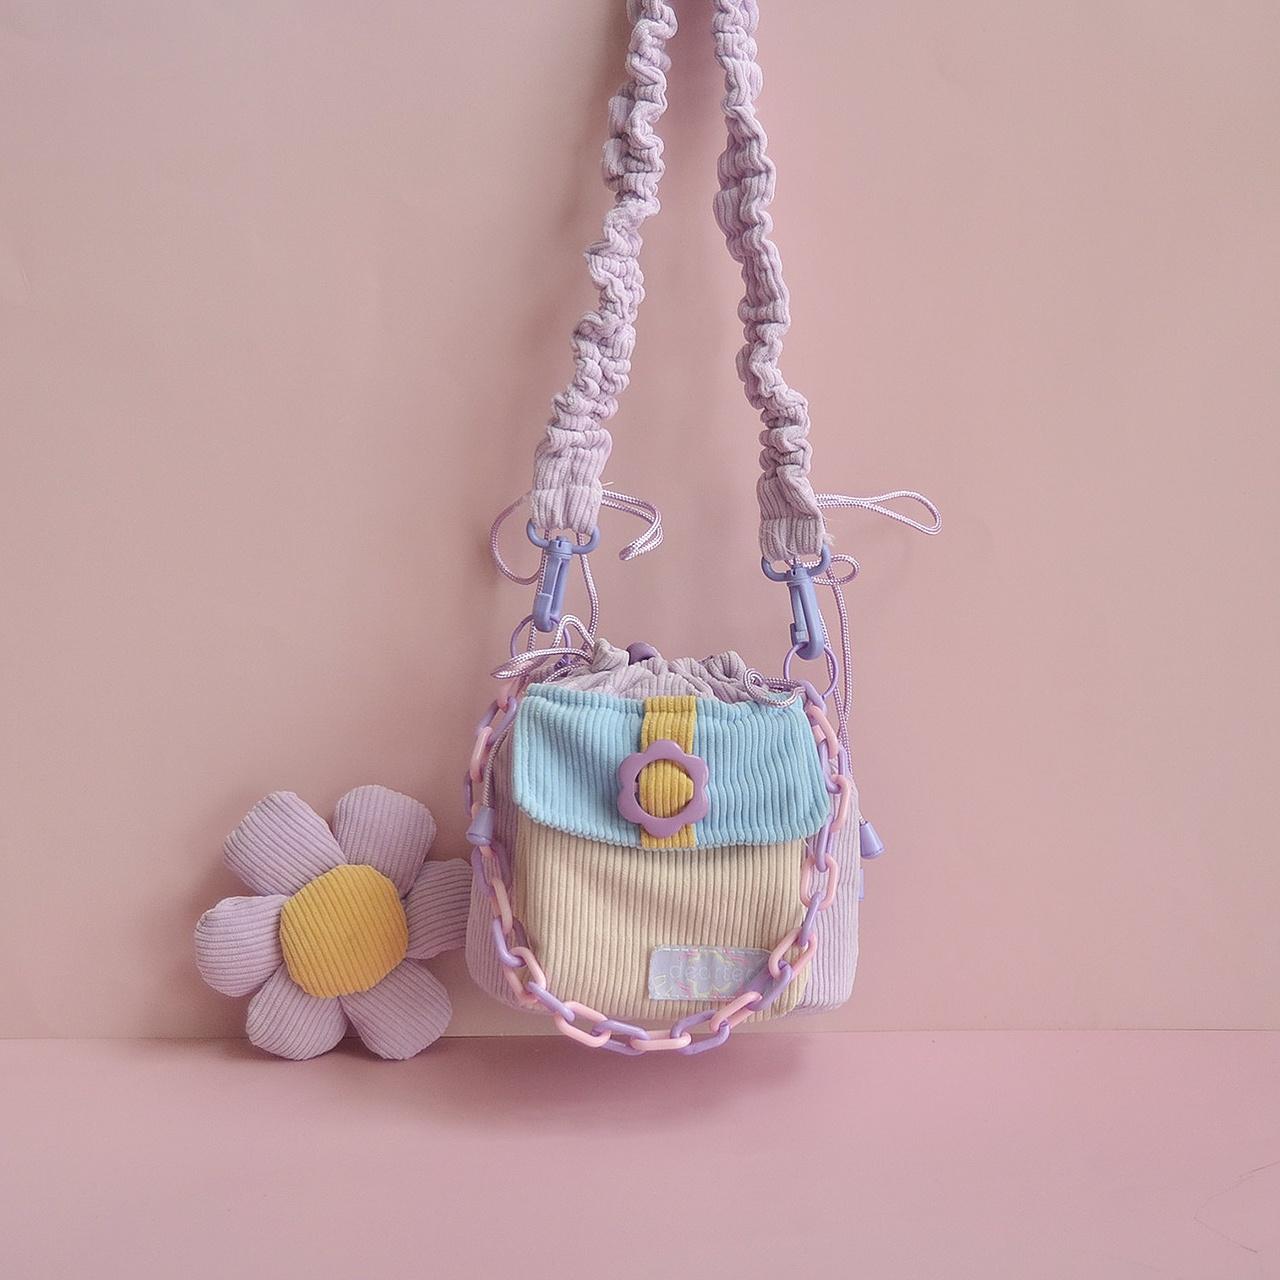 紫色水桶包 原创紫色挎包女水桶包包2021新款包包可爱夏天日系单肩包女斜挎包_推荐淘宝好看的紫色水桶包